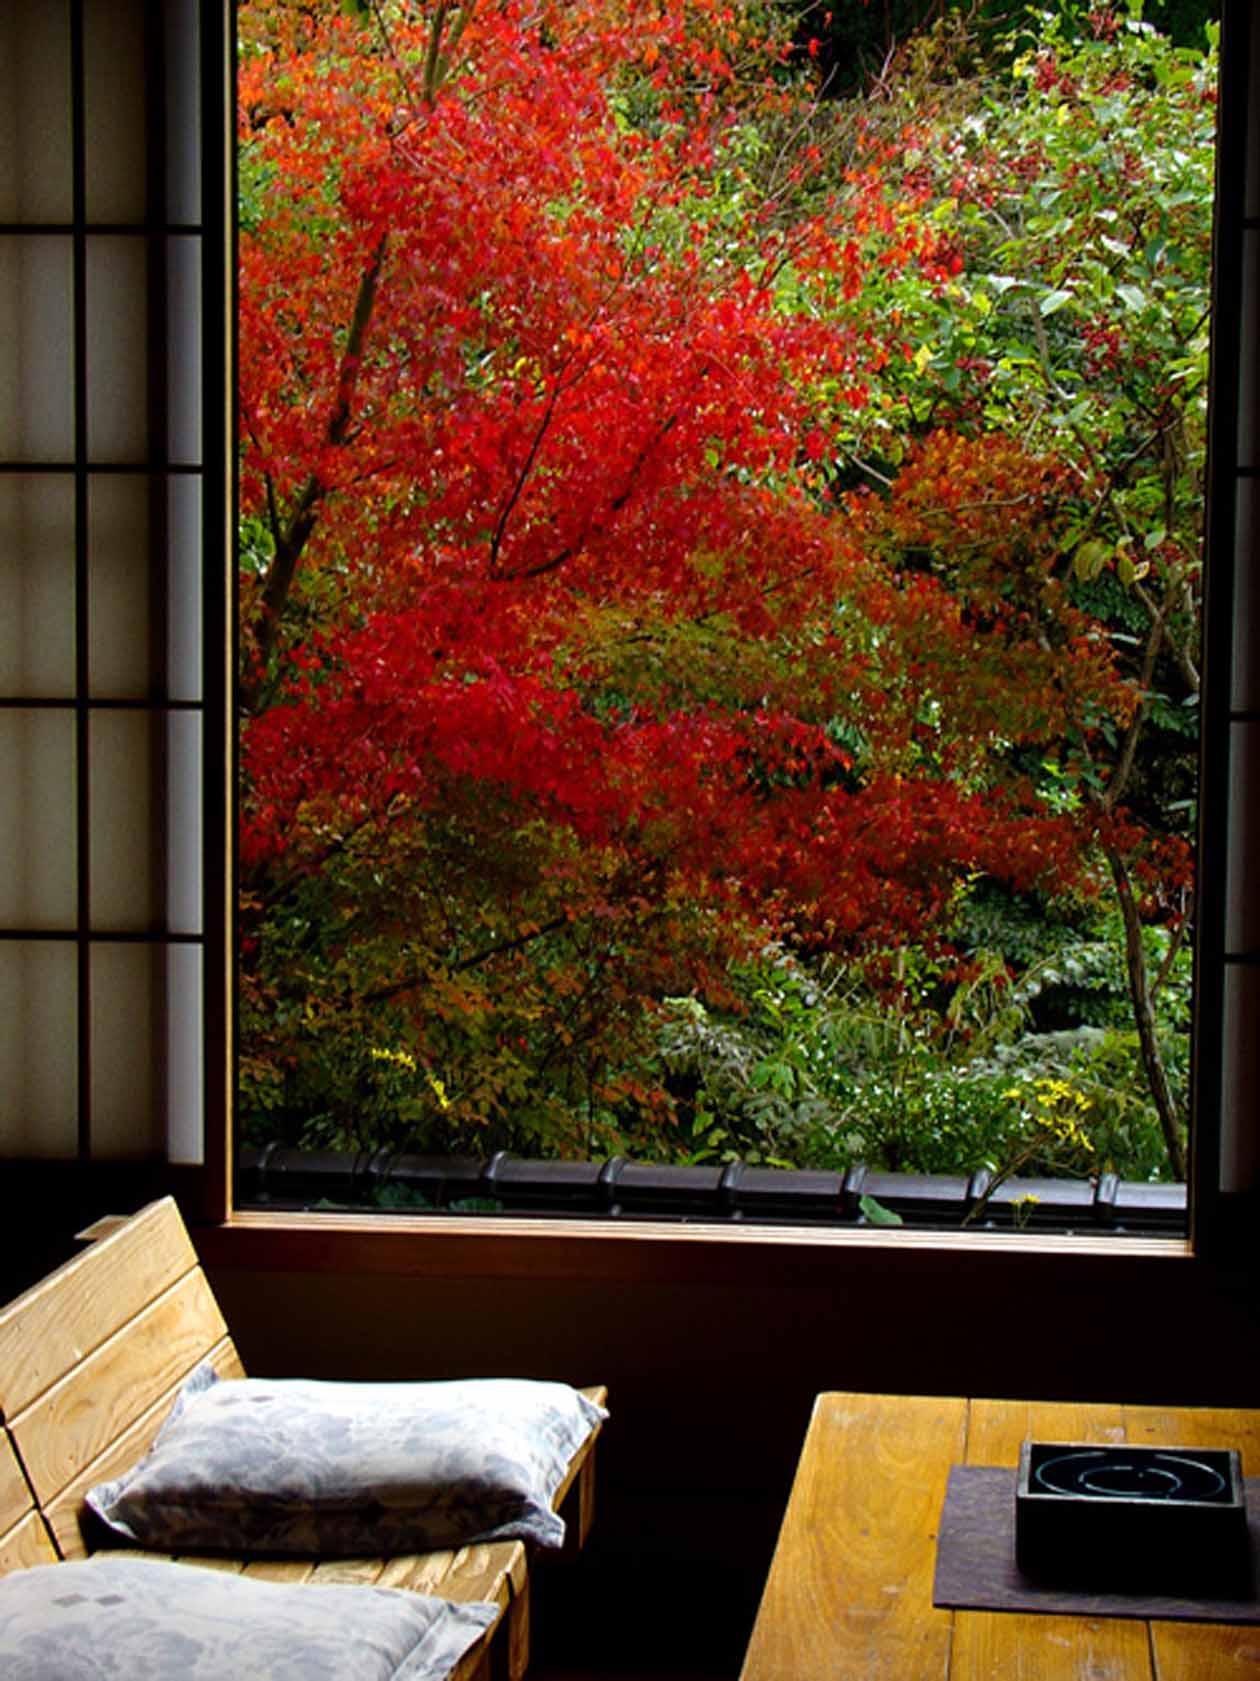 藤もと 部屋の紅葉 撮影:ザクプラン高山恵